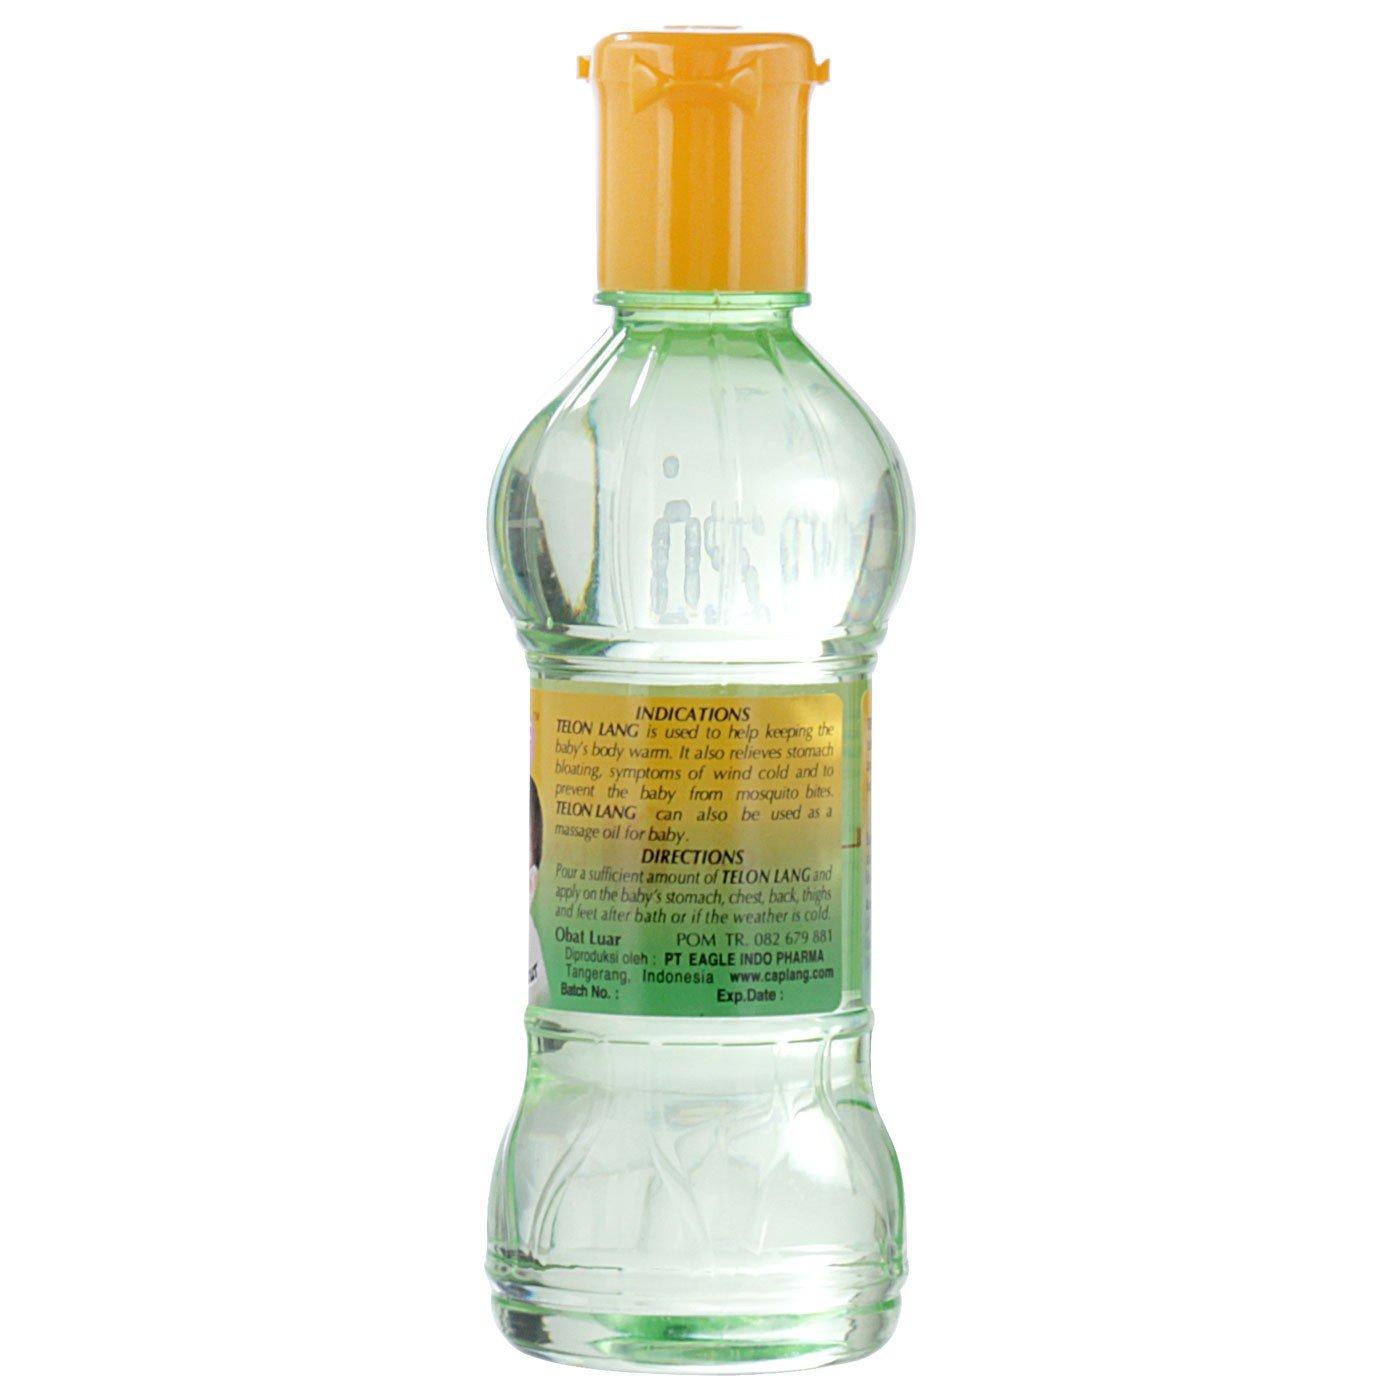 Cap Lang Eagle Brand Telon Oil 15ml Health Minyak Kayu Putih Caplang 60ml Dan 30ml Personal Care